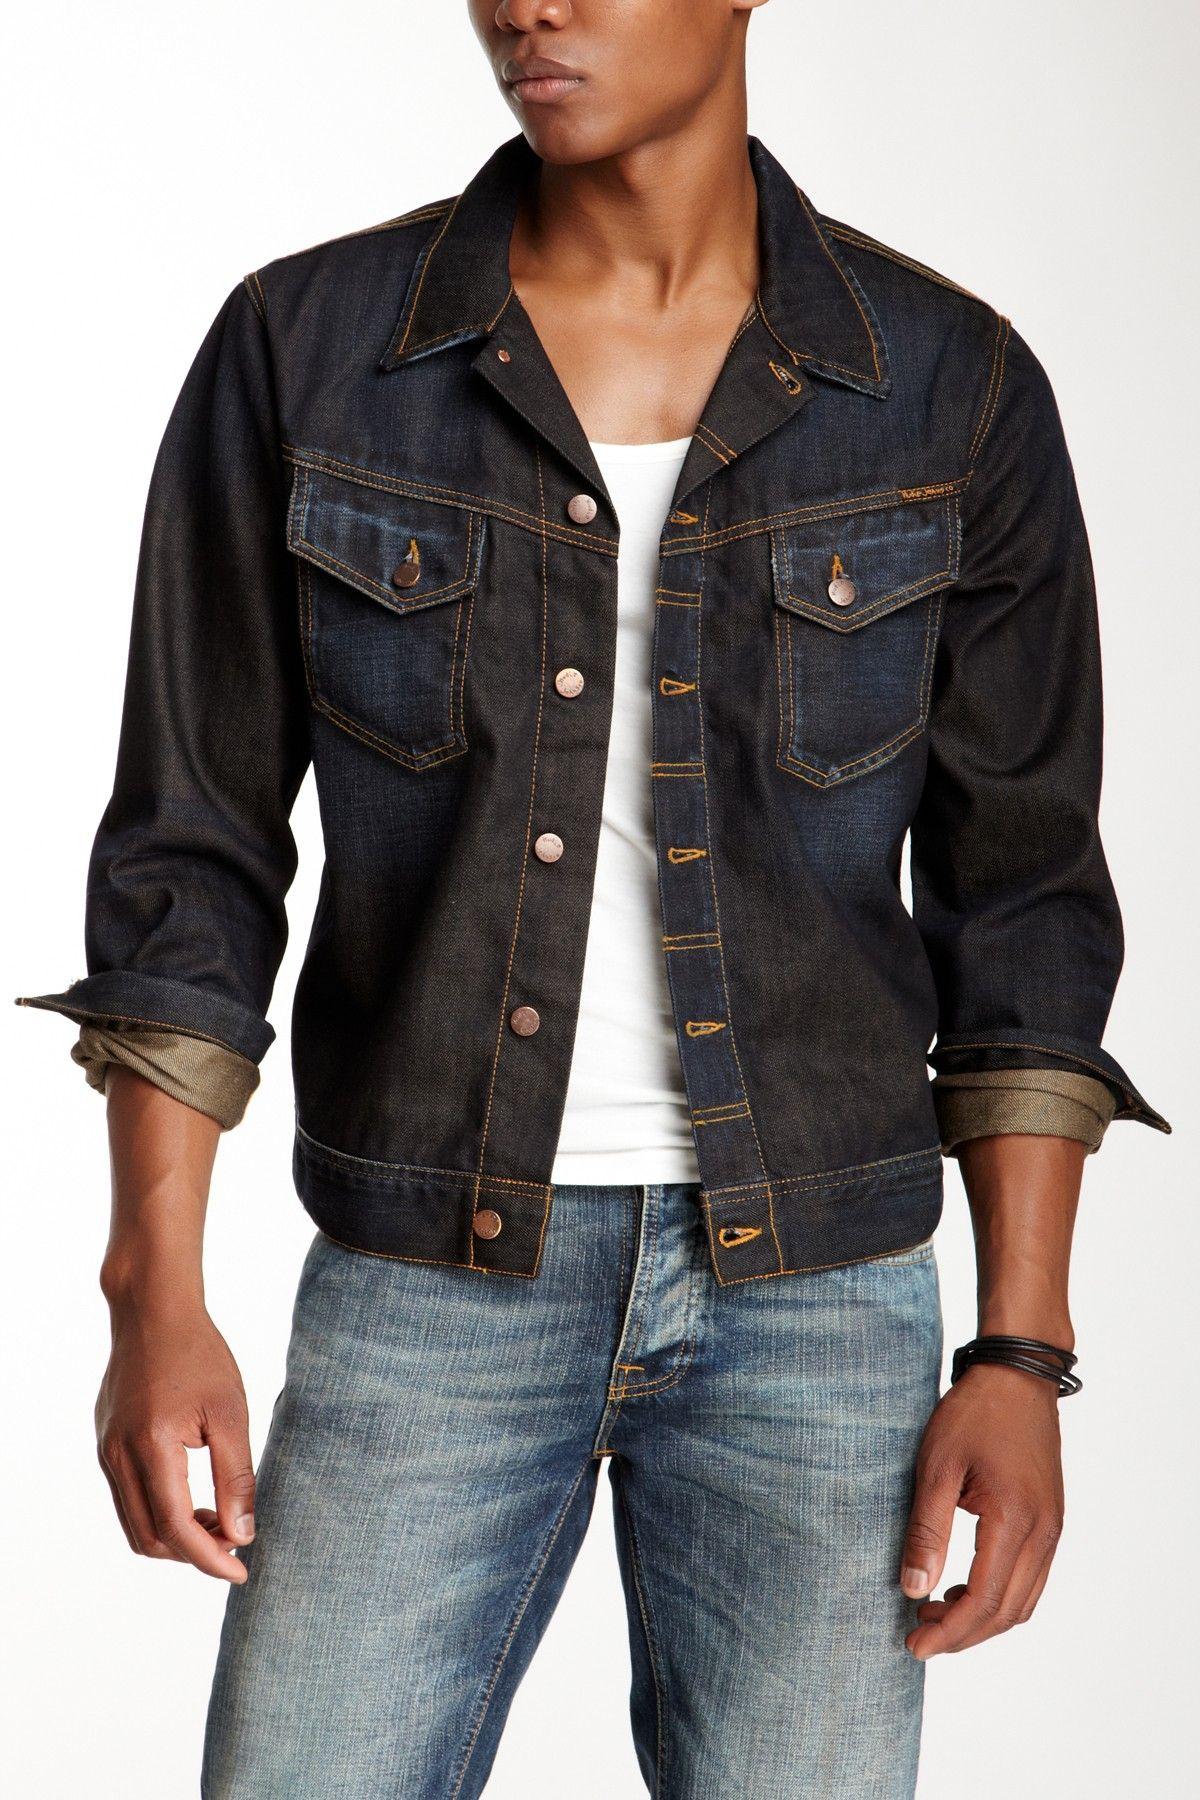 3397e8b8f4 Nudie Jeans Conny True Worn Denim Jacket on HauteLook